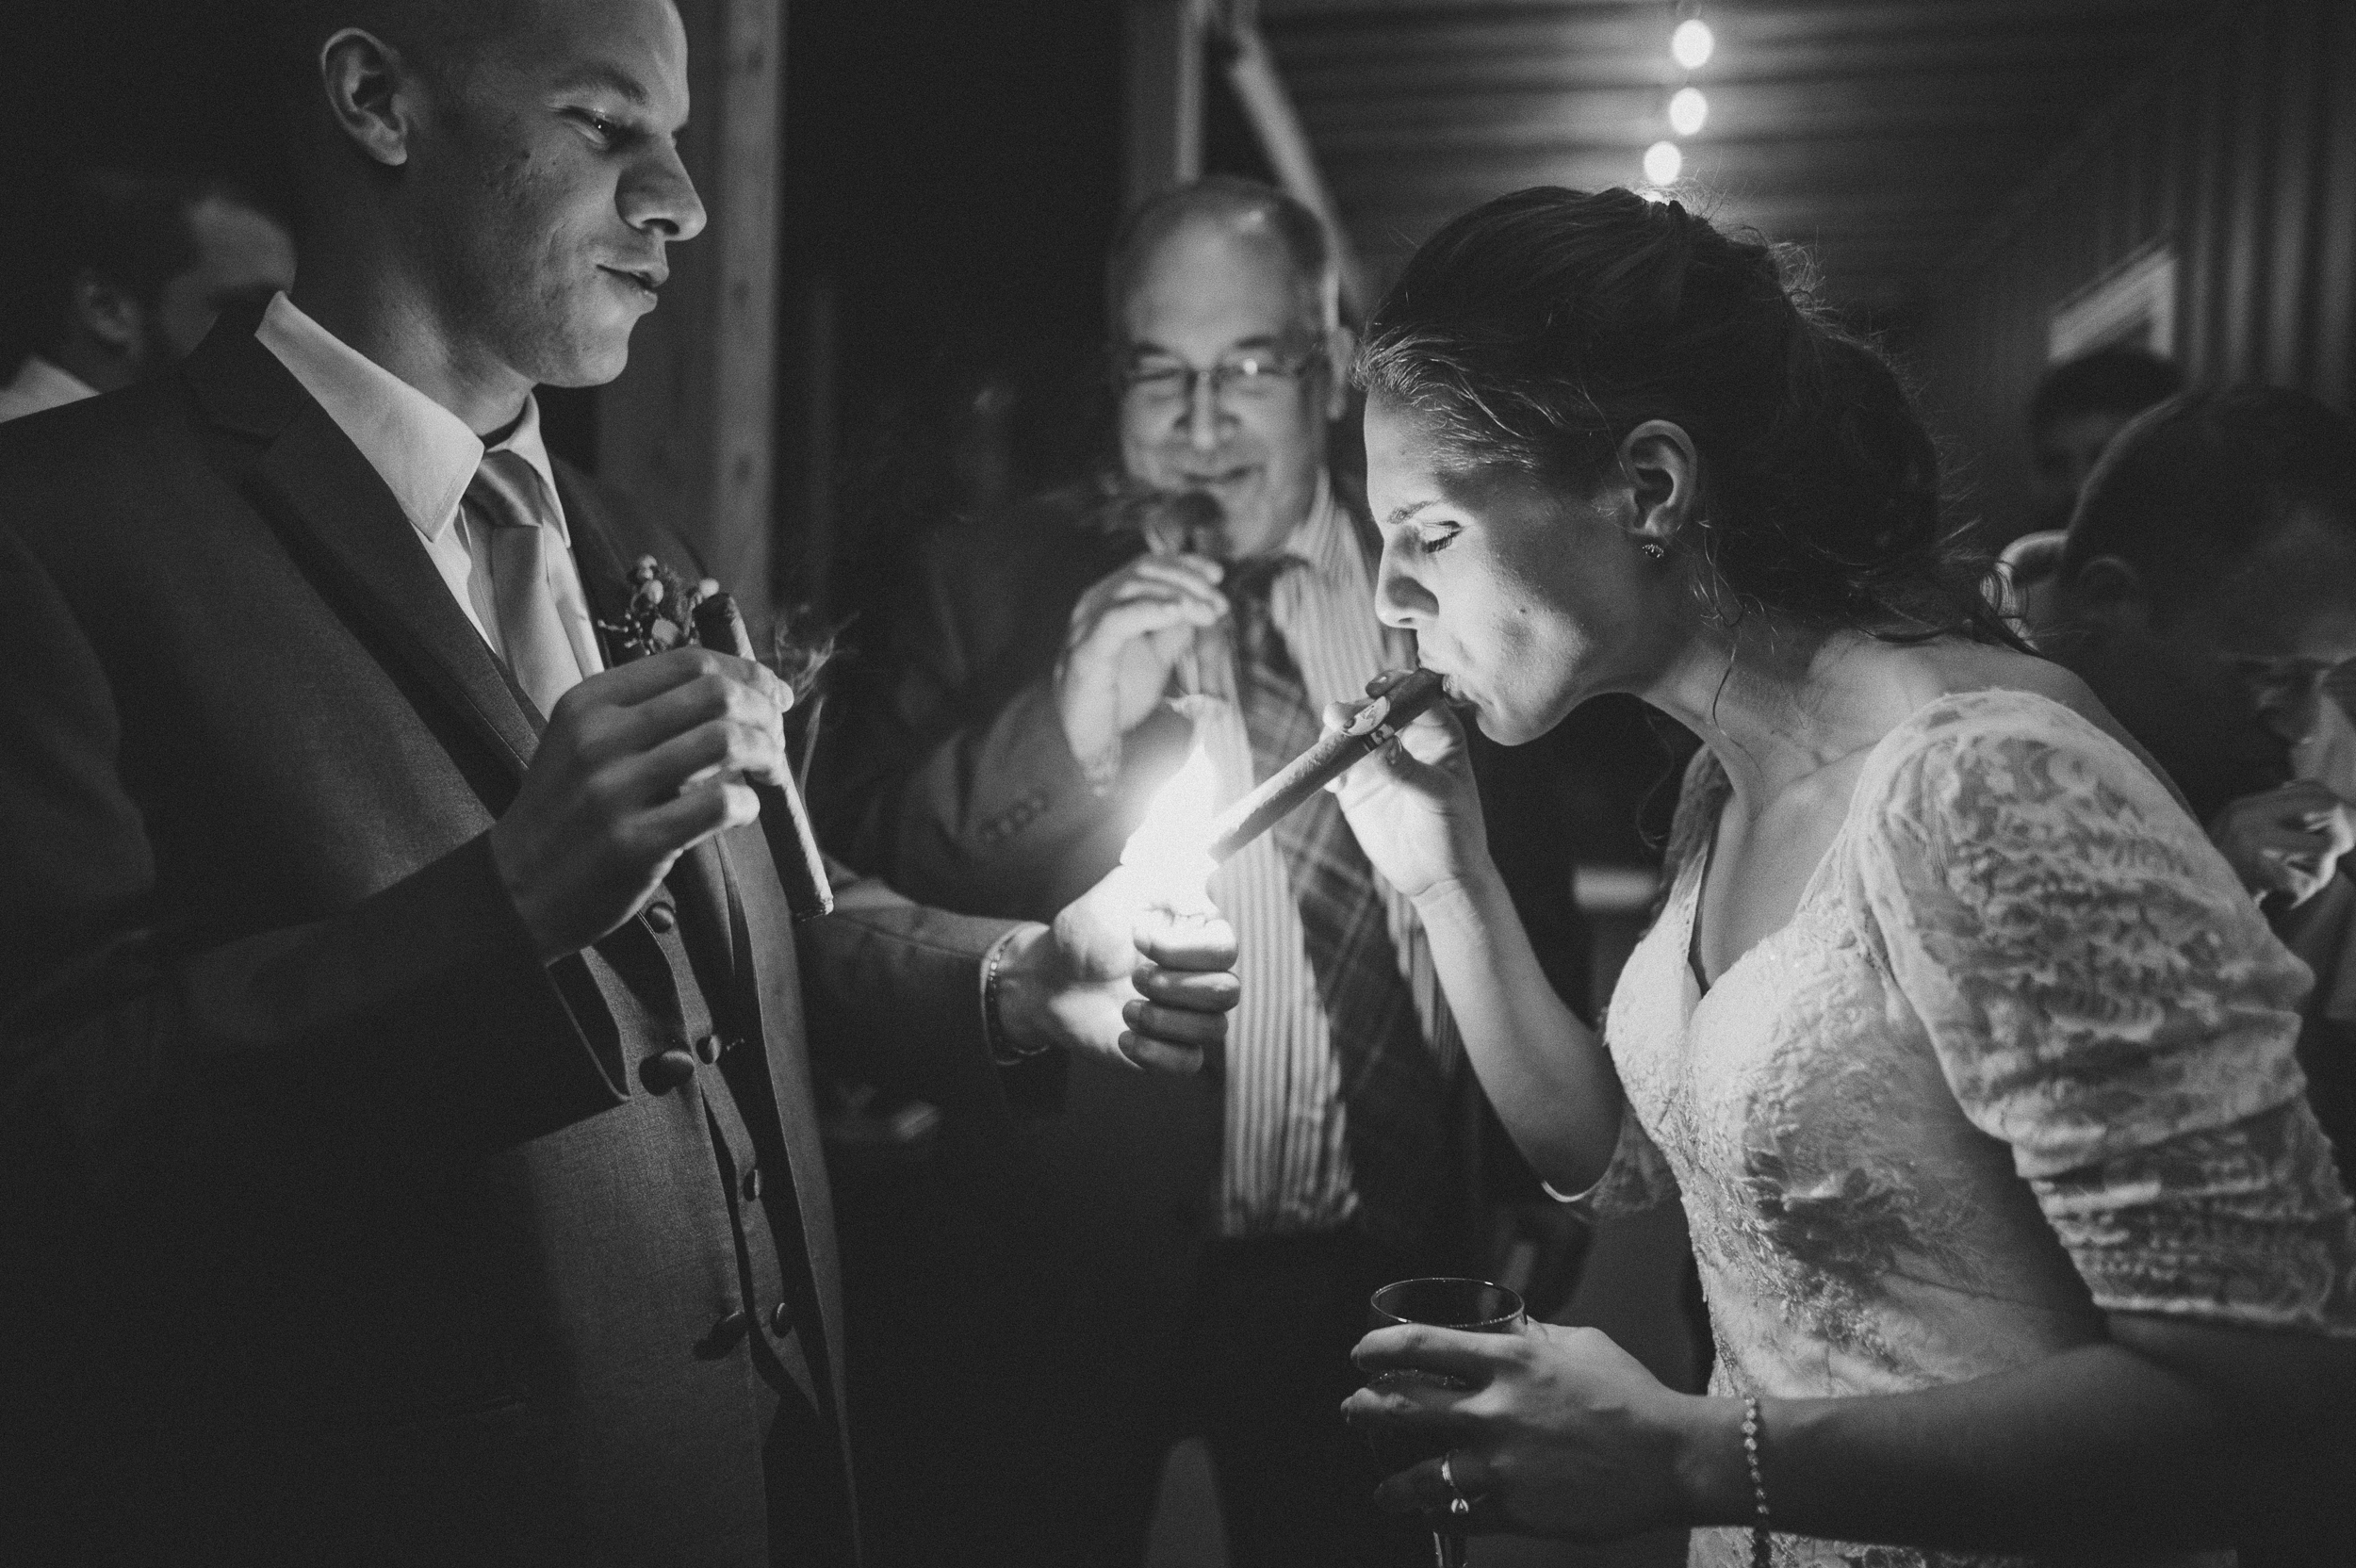 thousand-acre-farm-wedding-photographer-102.jpg